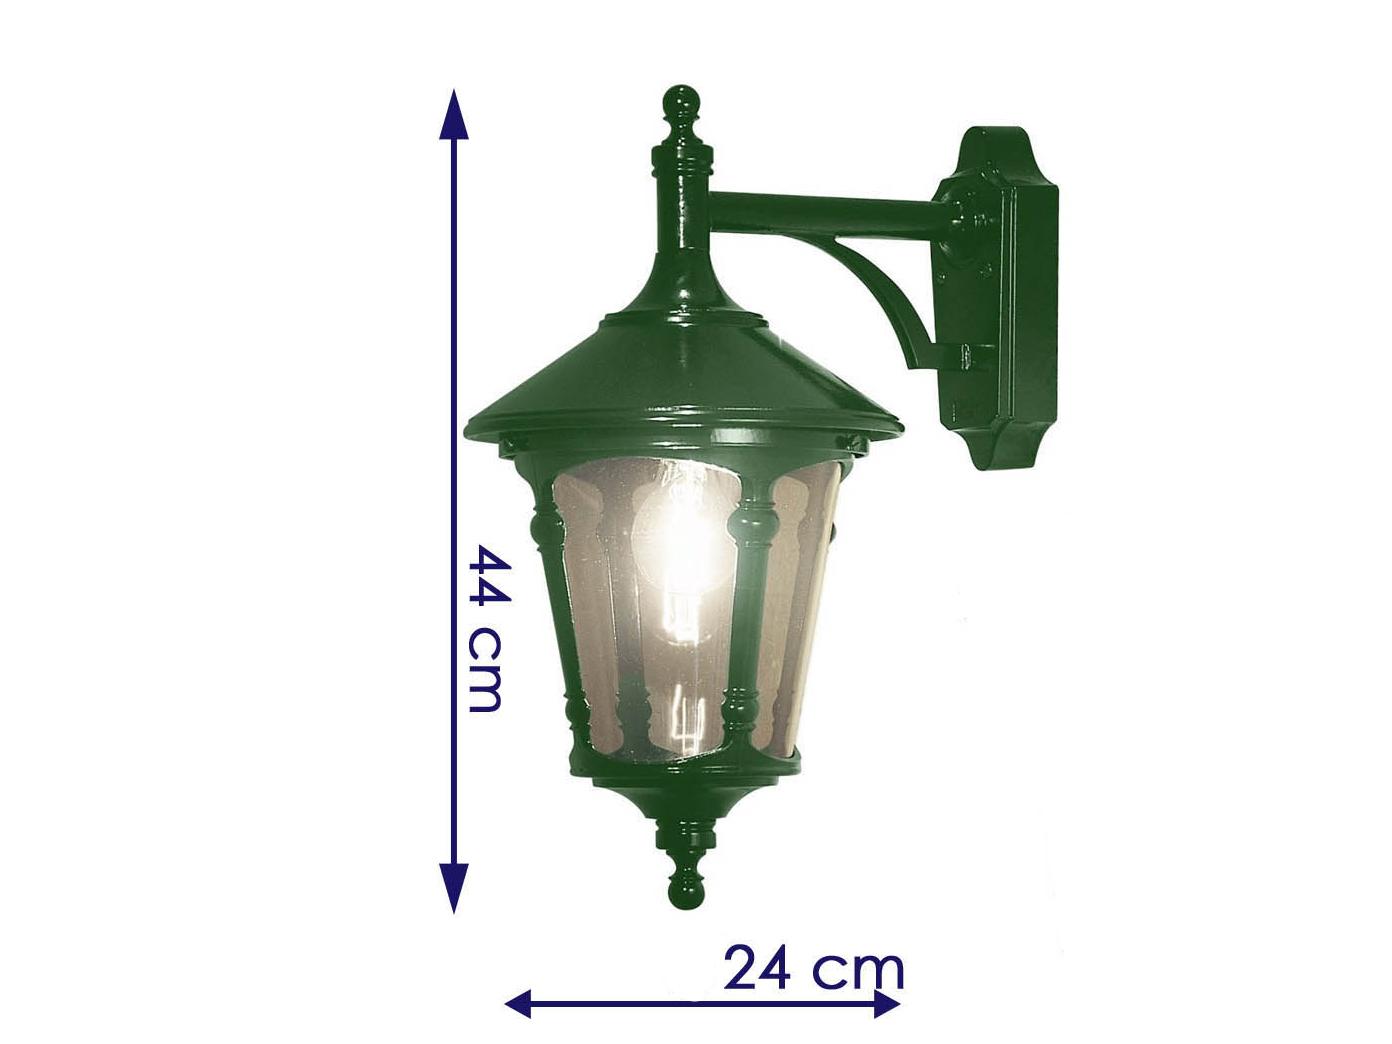 KonstSmide Außenleuchte 7229-600 Wandleuchte Außenlampe Grün